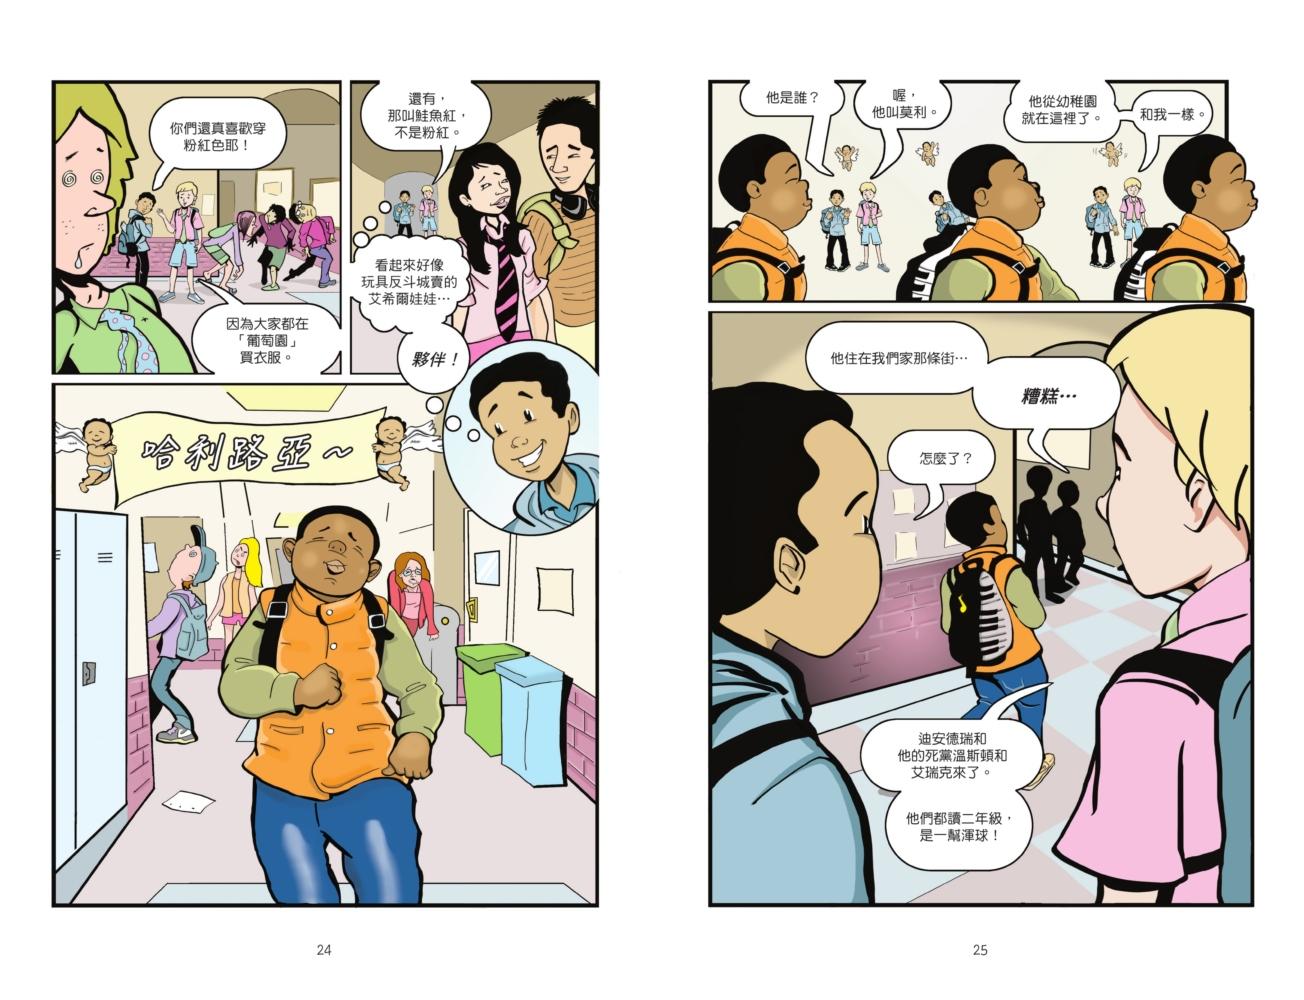 菁英學校許諾的不只傑出,還有擠進「圈子」,各種幽微的規則令喬登困惑不解,如對學校裡大家所穿的「鮭魚紅」。(圖片來源/New Kid © 2019 Jerry Craft)